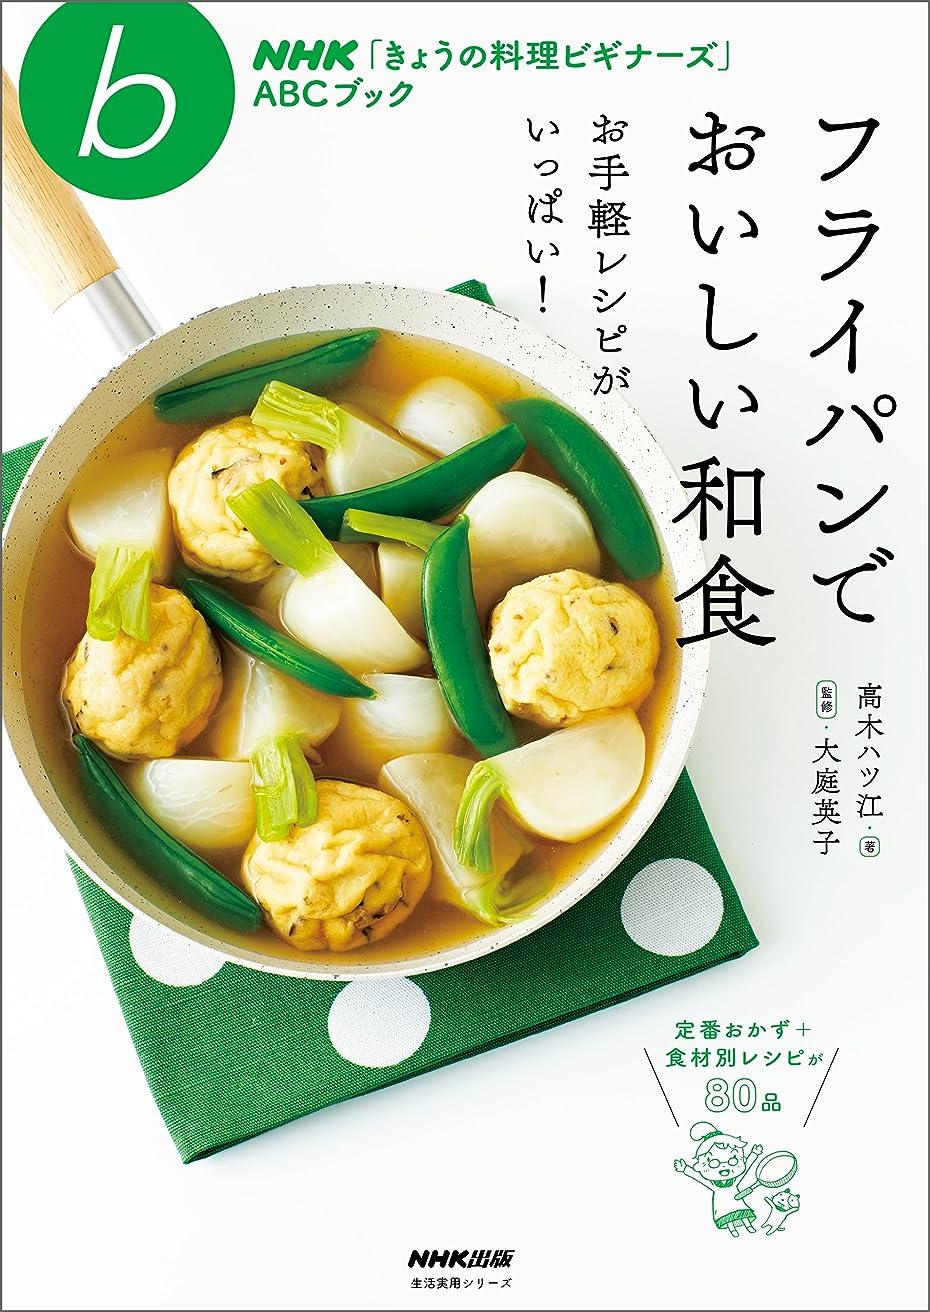 コーデリアずんぐりした柔らかいフライパンでおいしい和食 お手軽レシピがいっぱい!